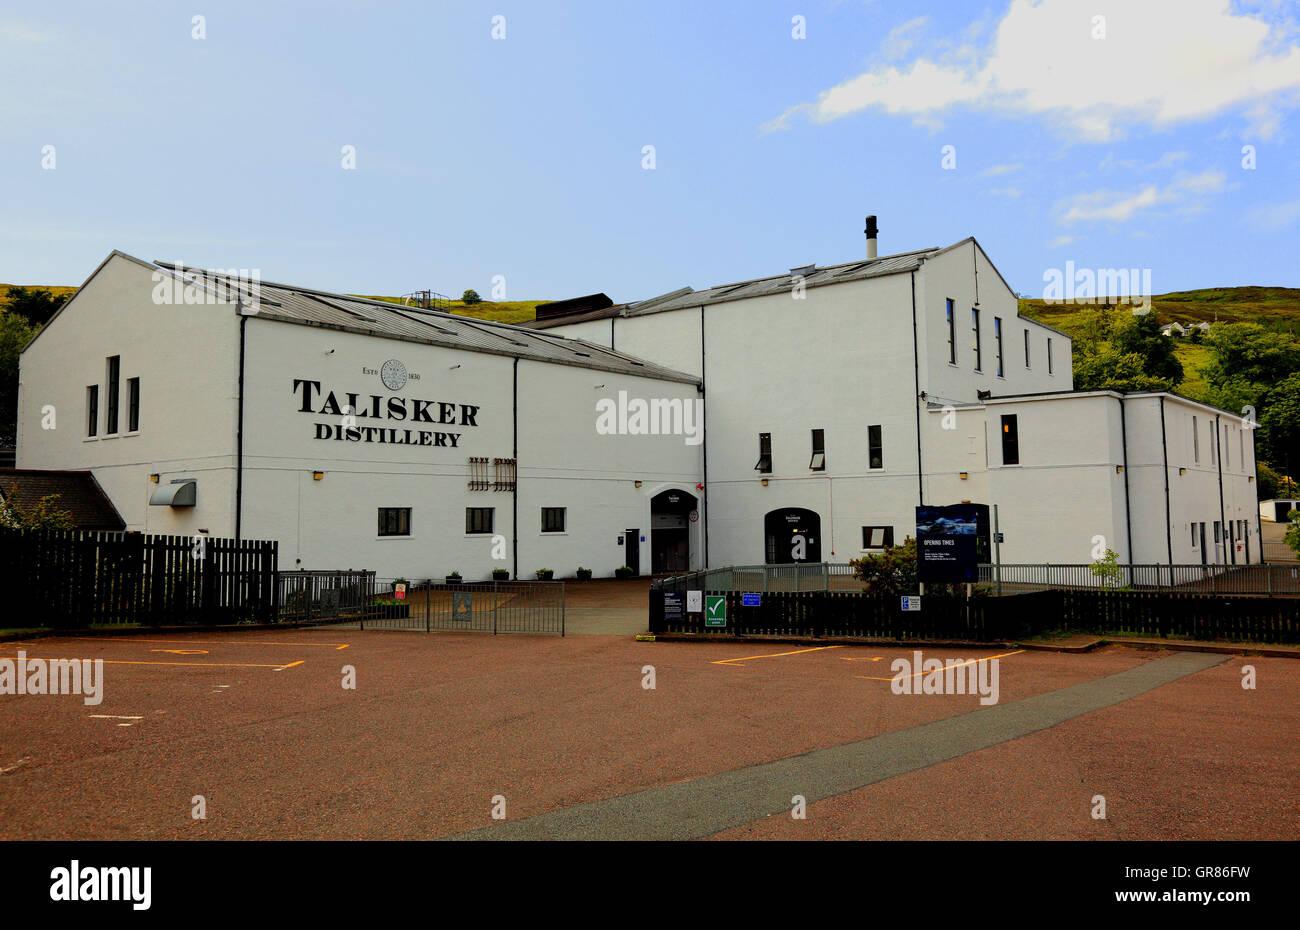 En Escocia, las Hébridas interiores, la Isla de Skye, Minginish península, la construcción de la destilería de whisky Talisker Foto de stock